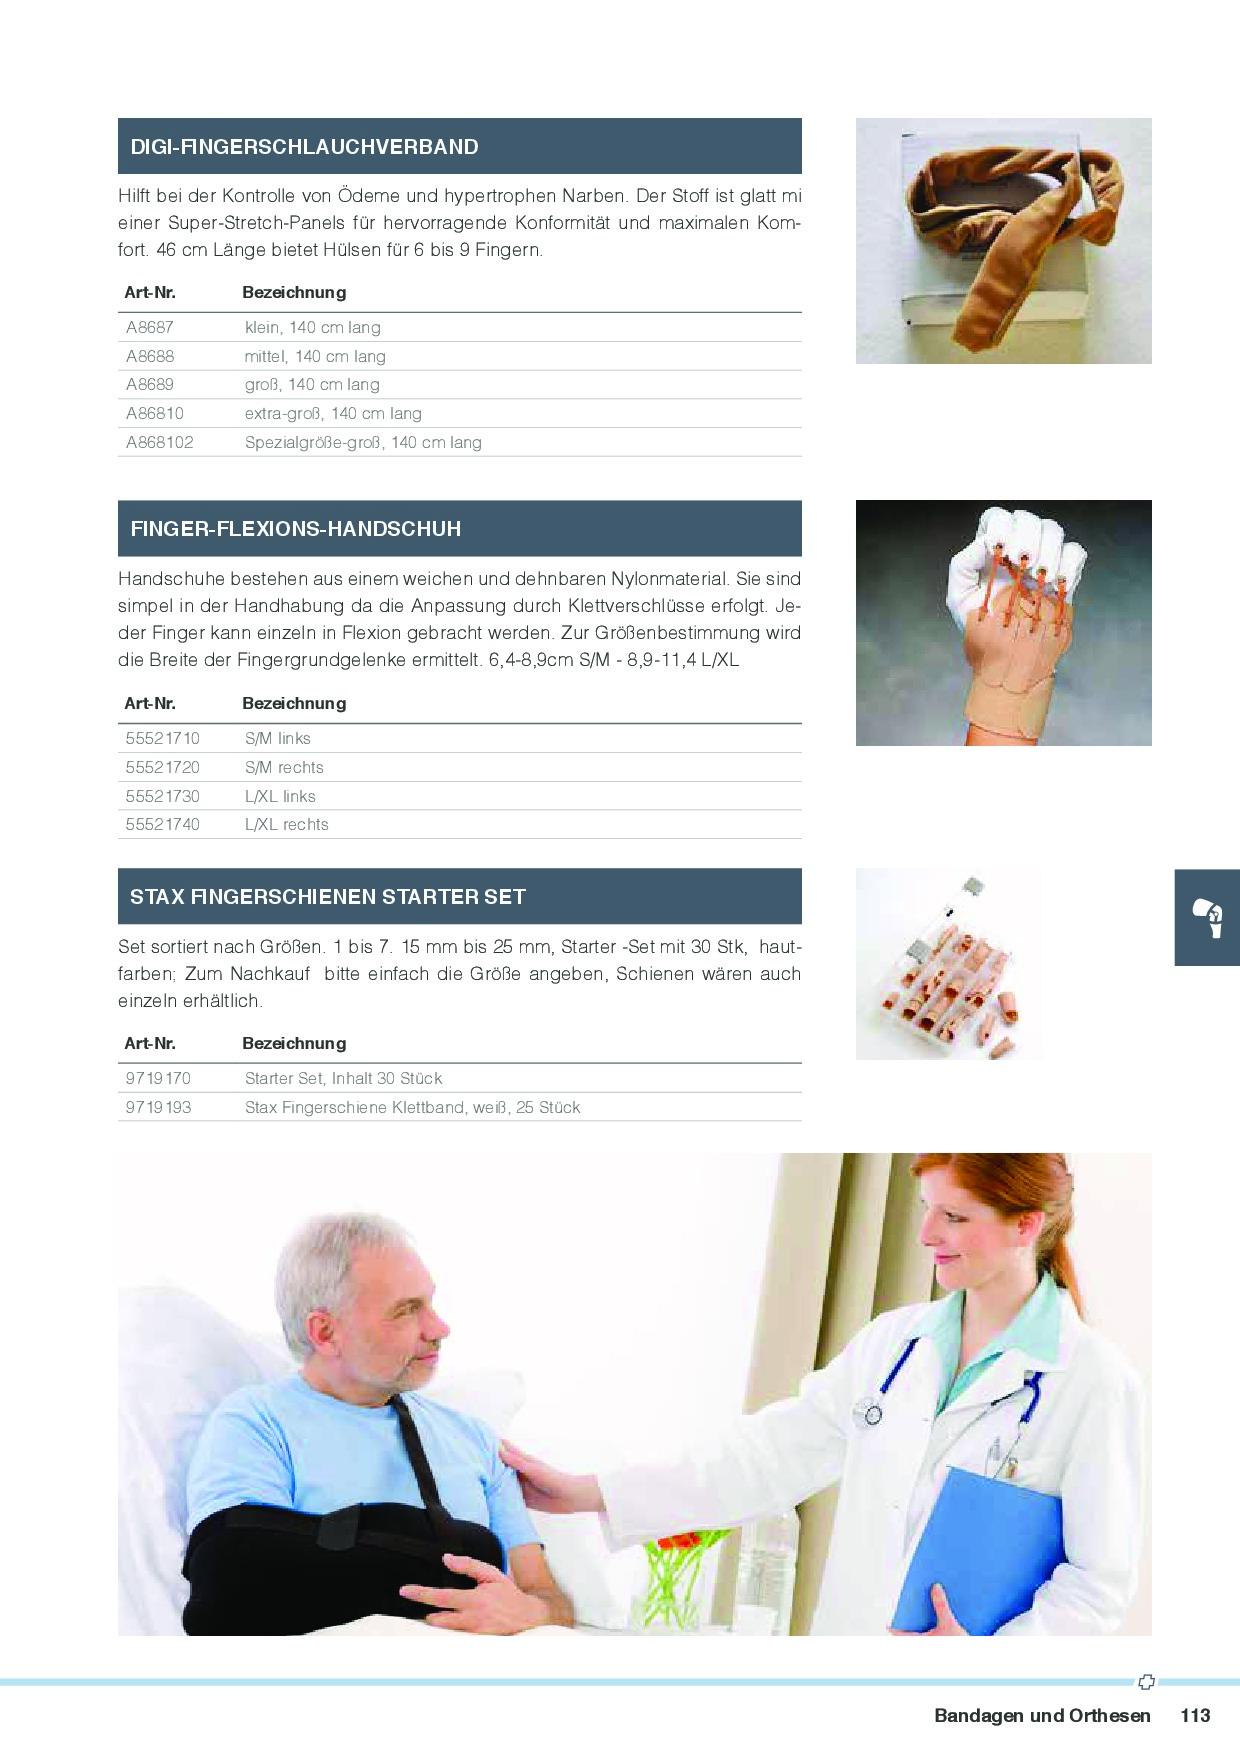 Medictools - Rehabedarf